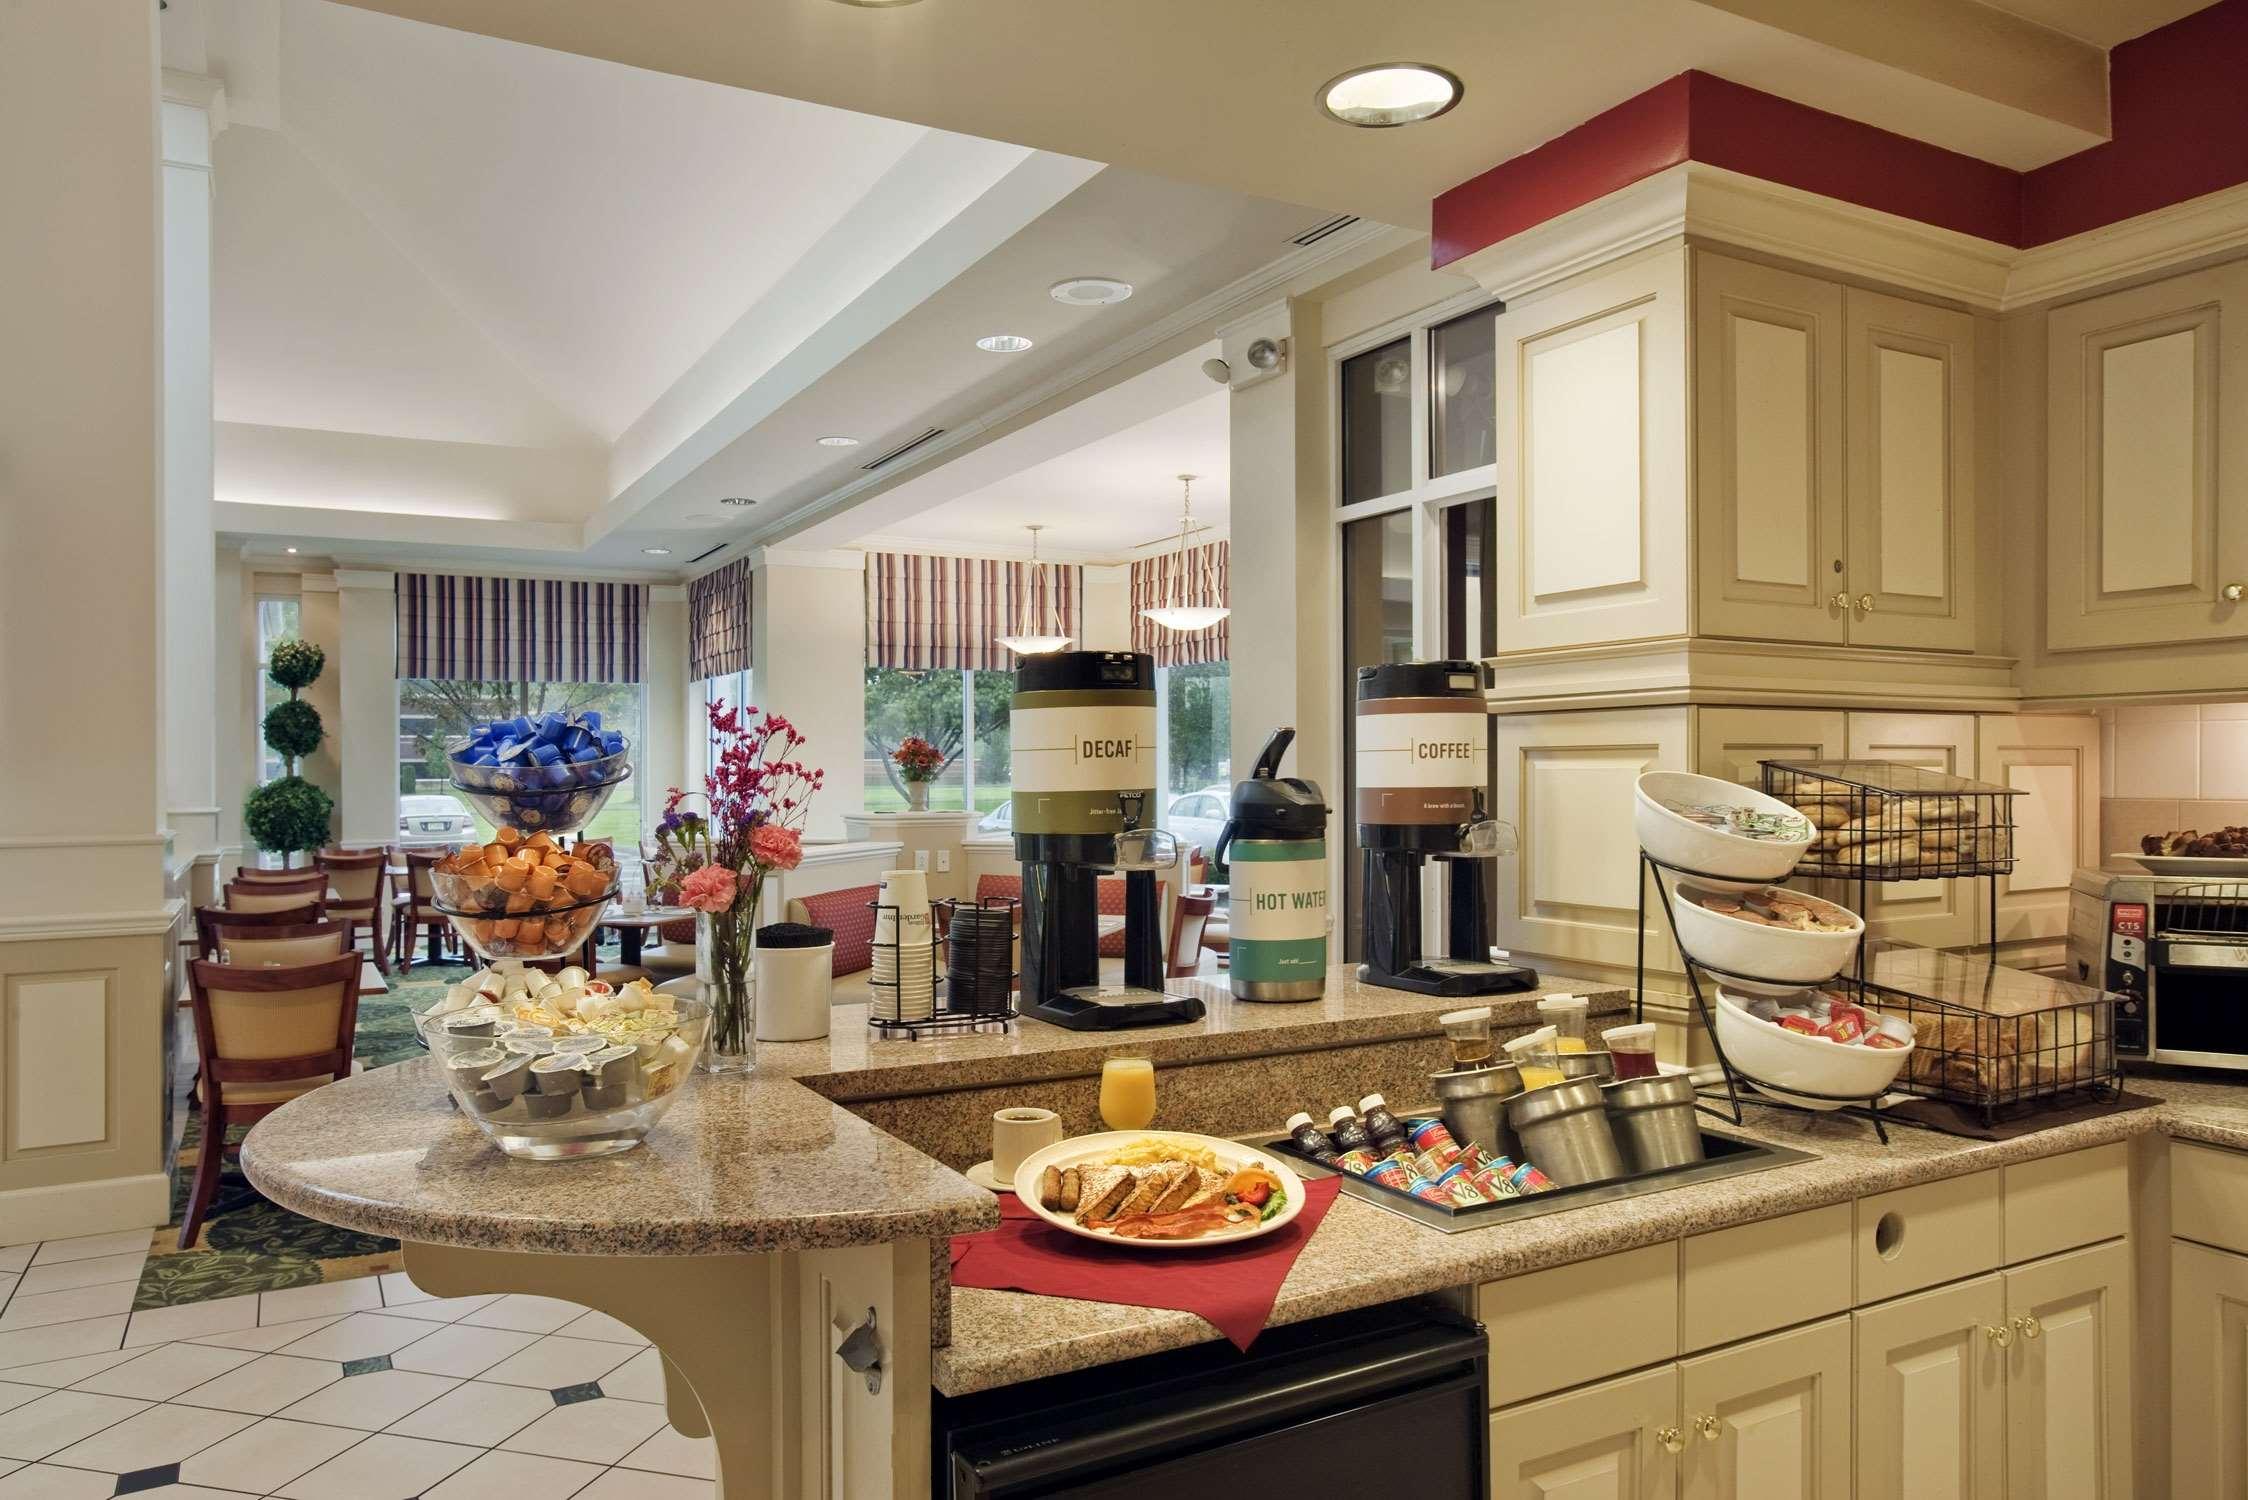 Hilton Garden Inn Syracuse image 4